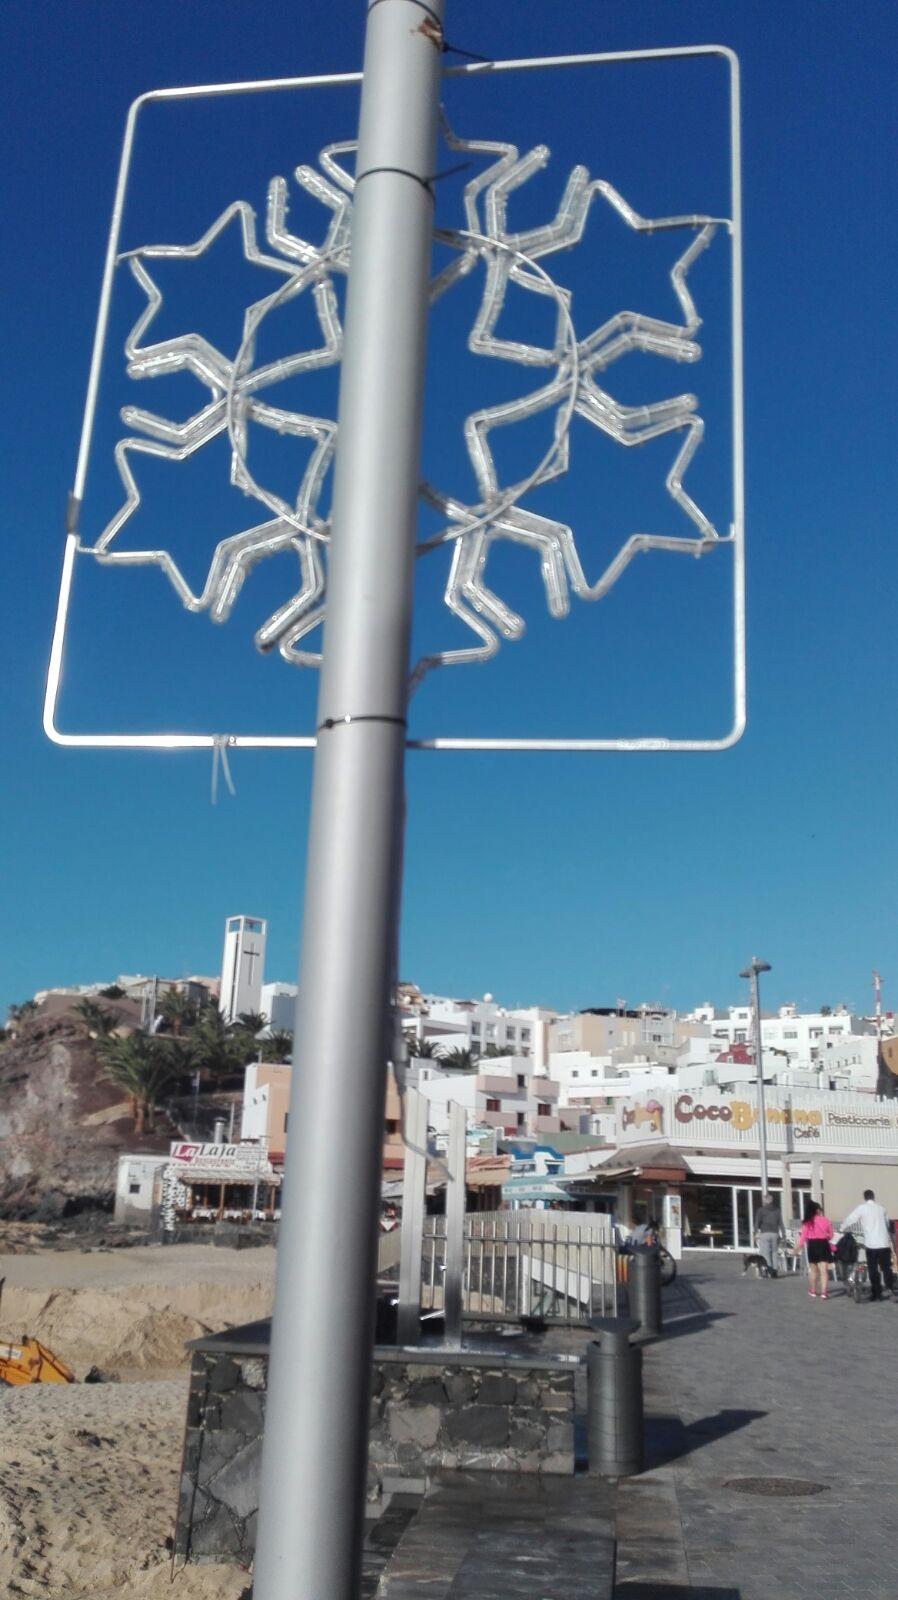 El Ayuntamiento de Pájara lamenta los actos vandálicos cometidos contra la iluminación navideña de Morro Jable